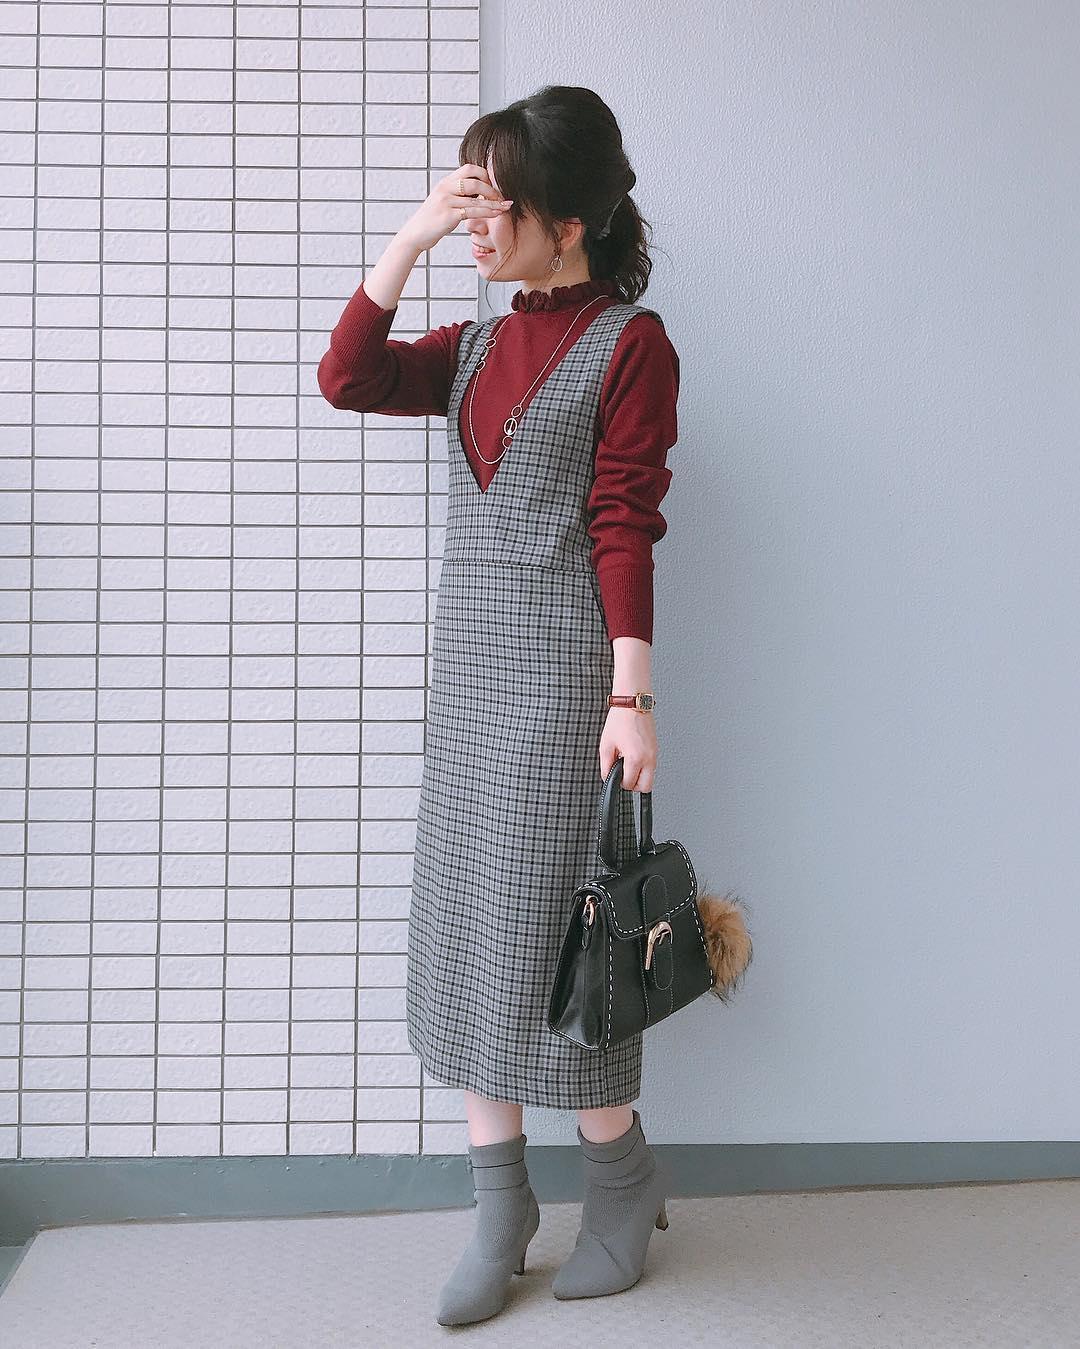 脱・子供!ジャンパースカートとヘアアレンで作る大人スタイル☆